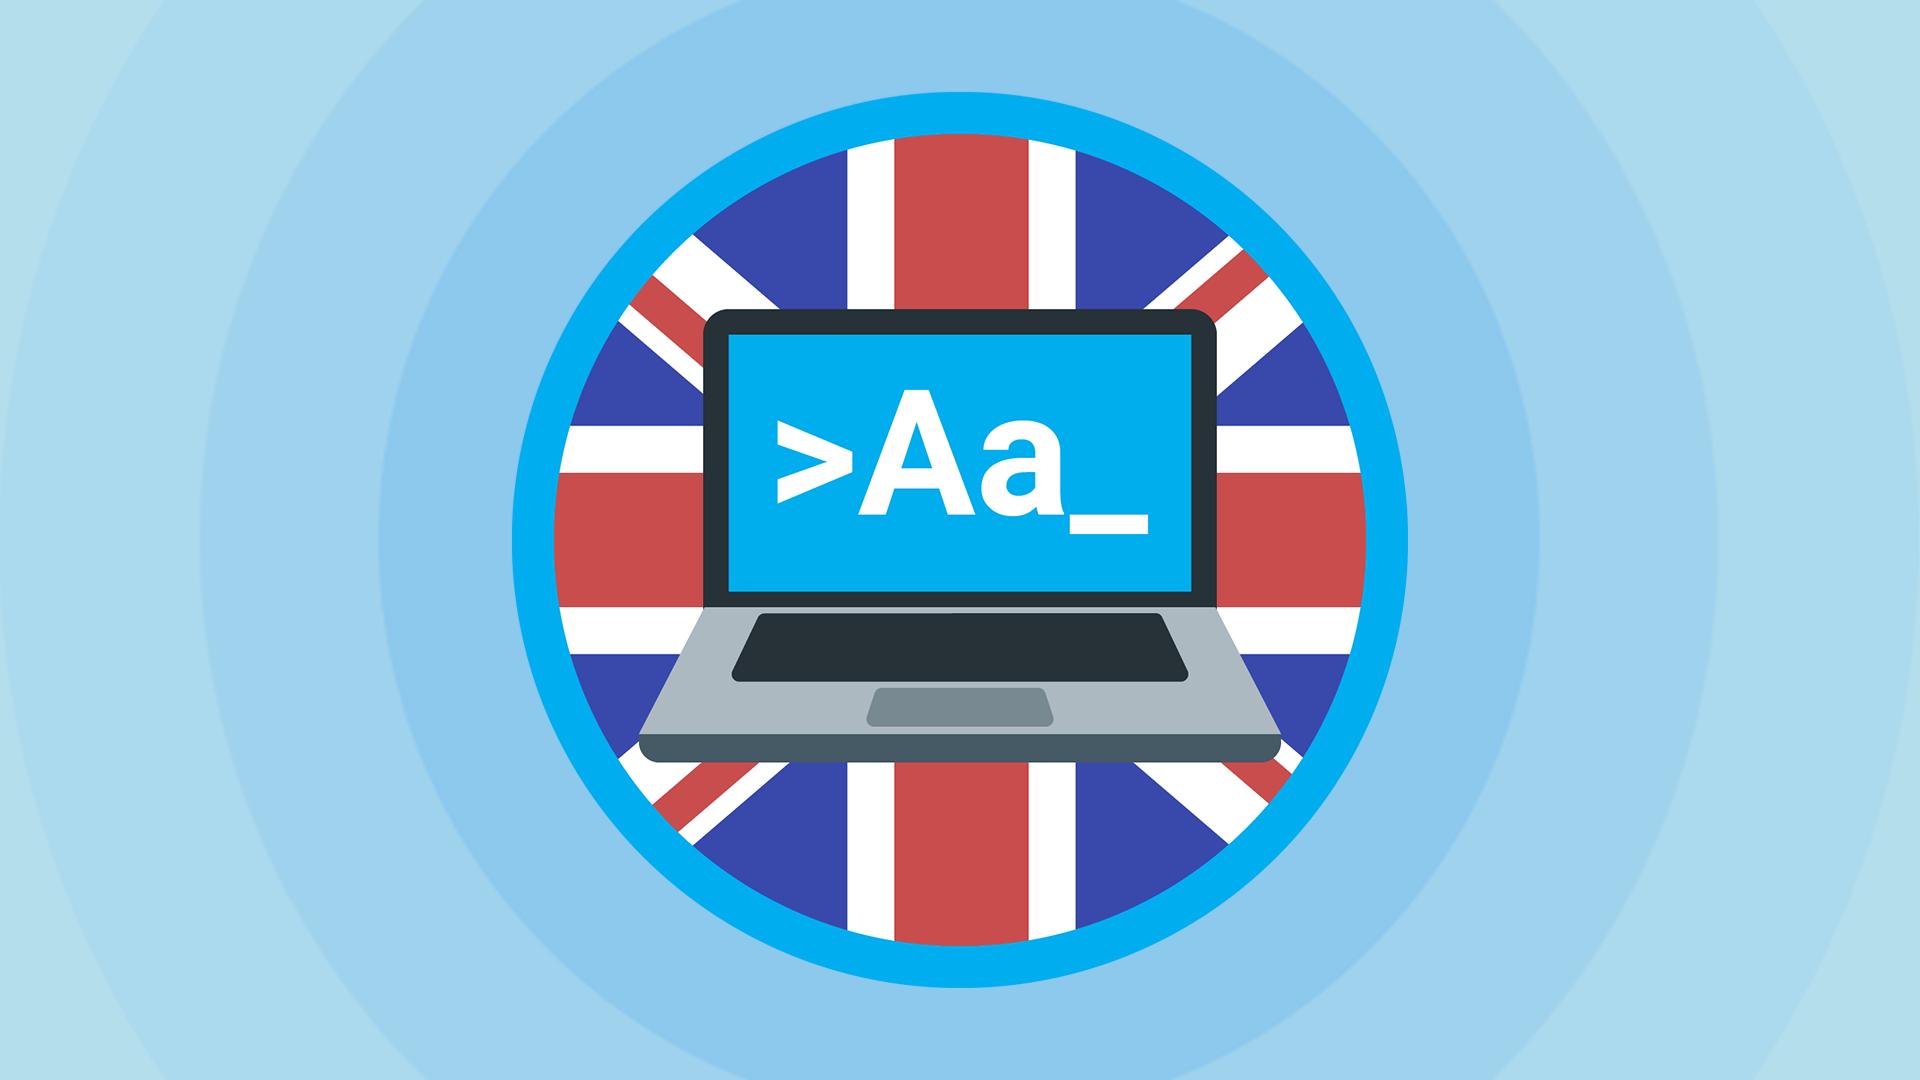 Вебинар Как поддерживать уровень английского, тратя 15 минут в день? фото